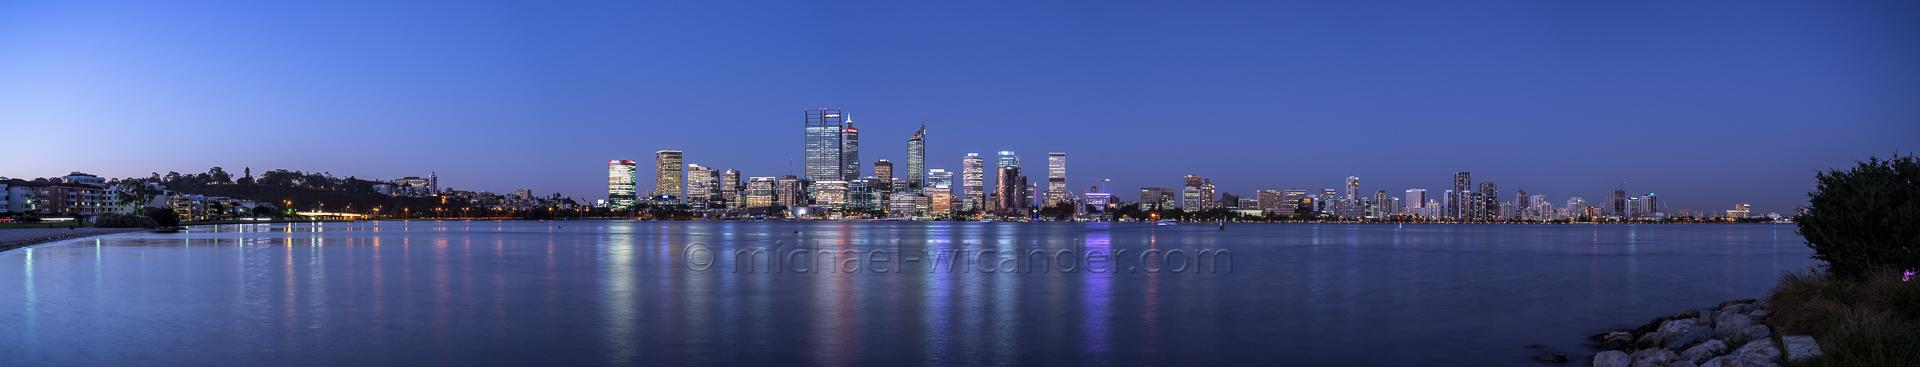 Perth Skyline Panorama 19 04